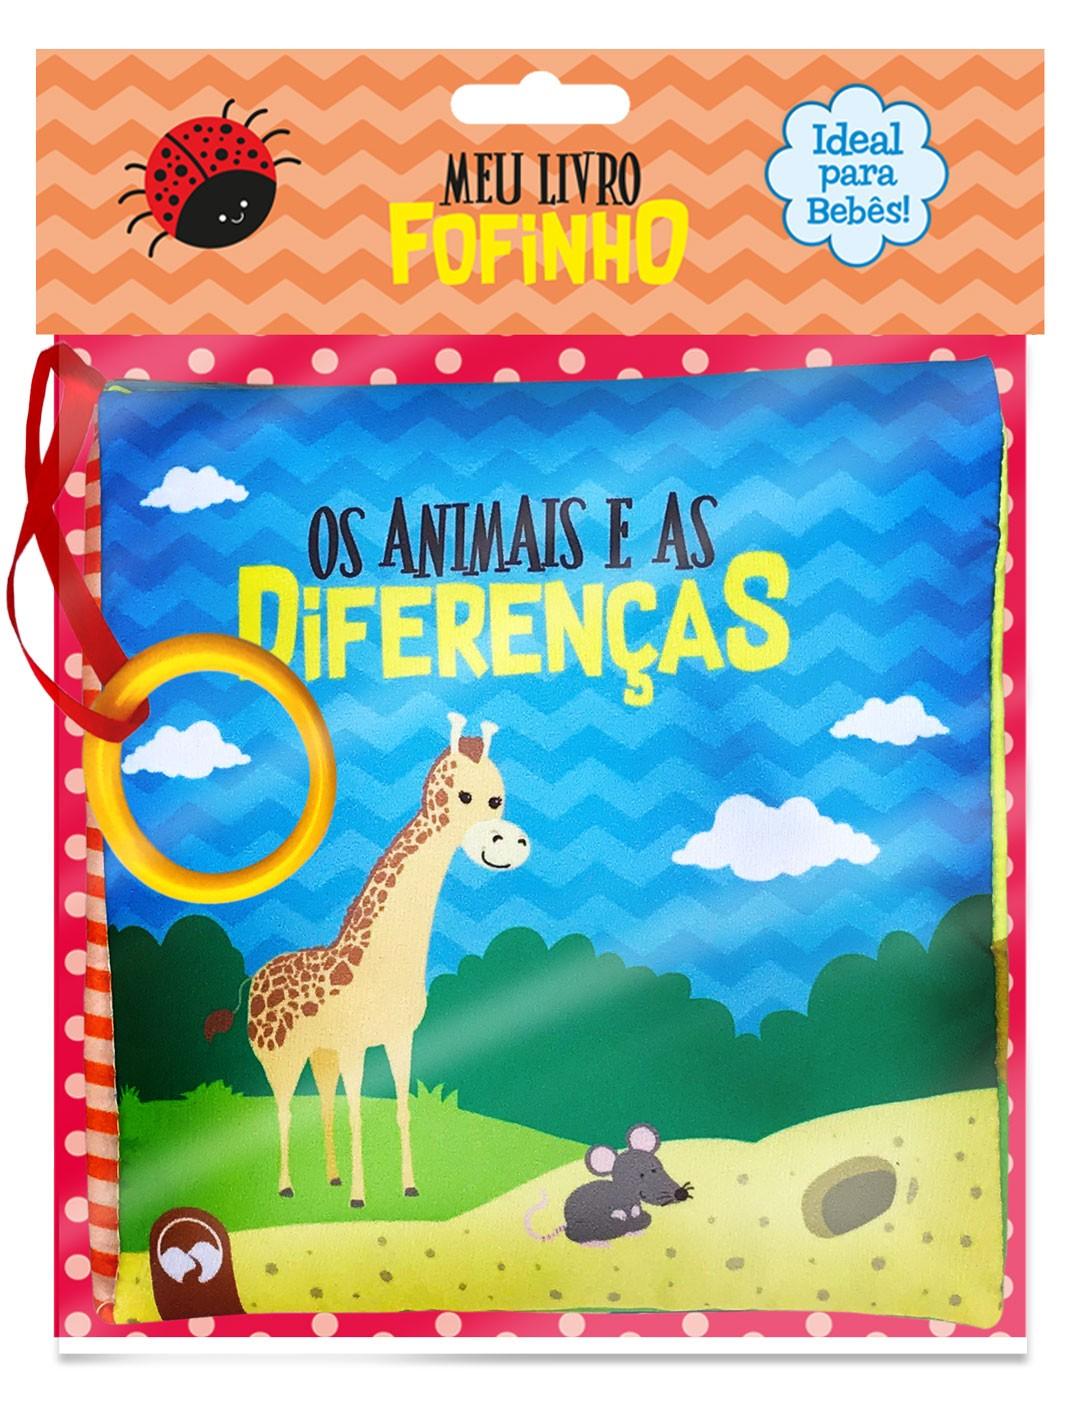 Animais e as Diferenças - Meu Livro Fofinho